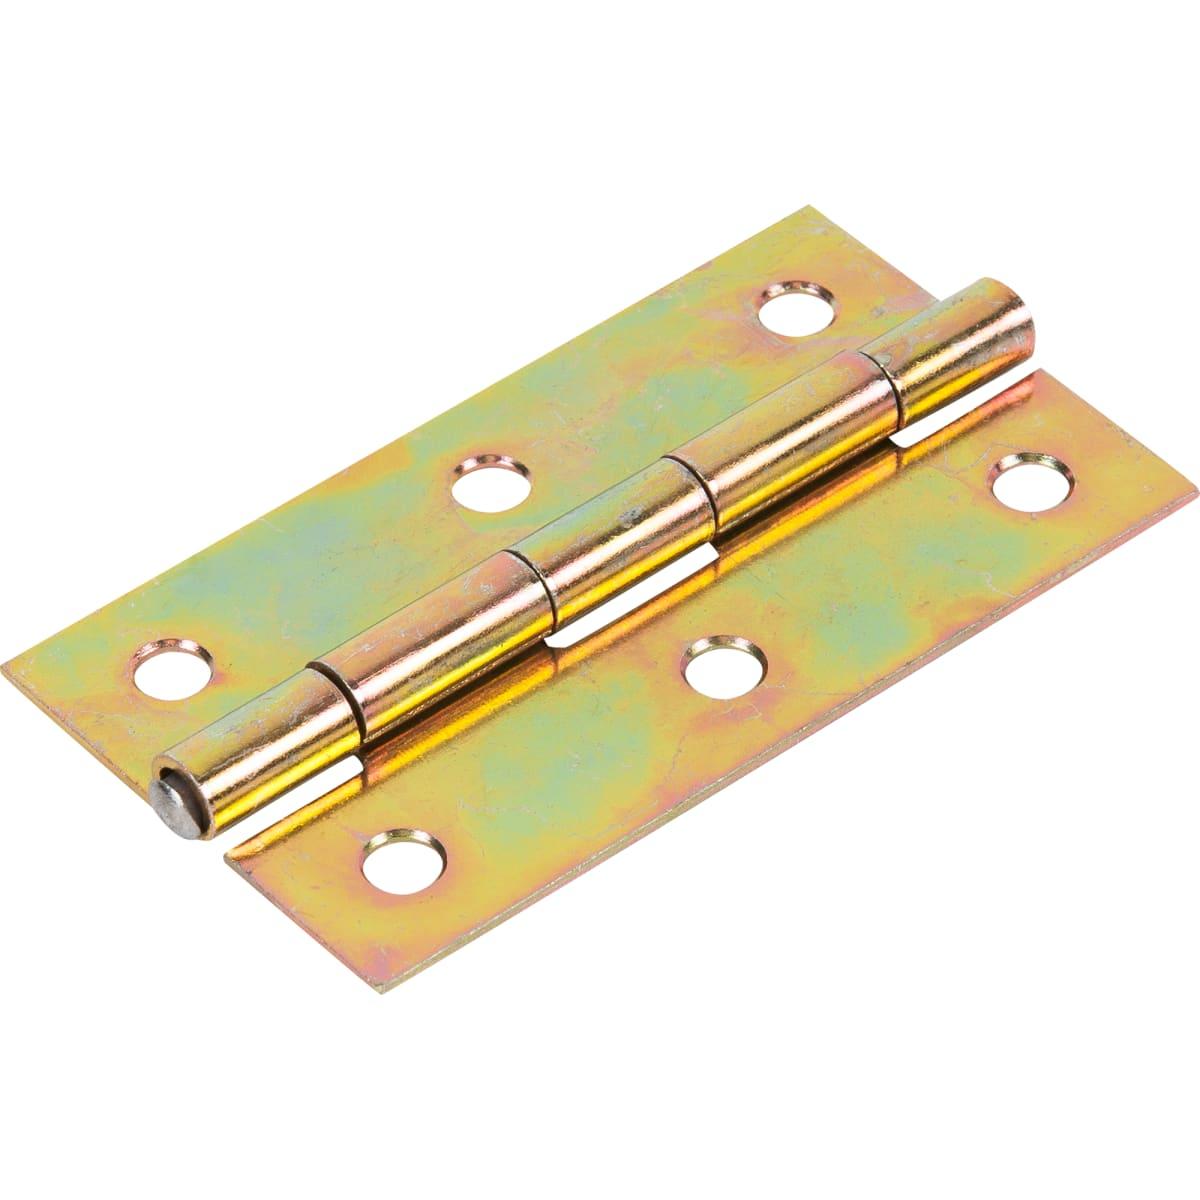 Петля универсальная 85х45 мм, оцинкованная сталь, цвет золотой